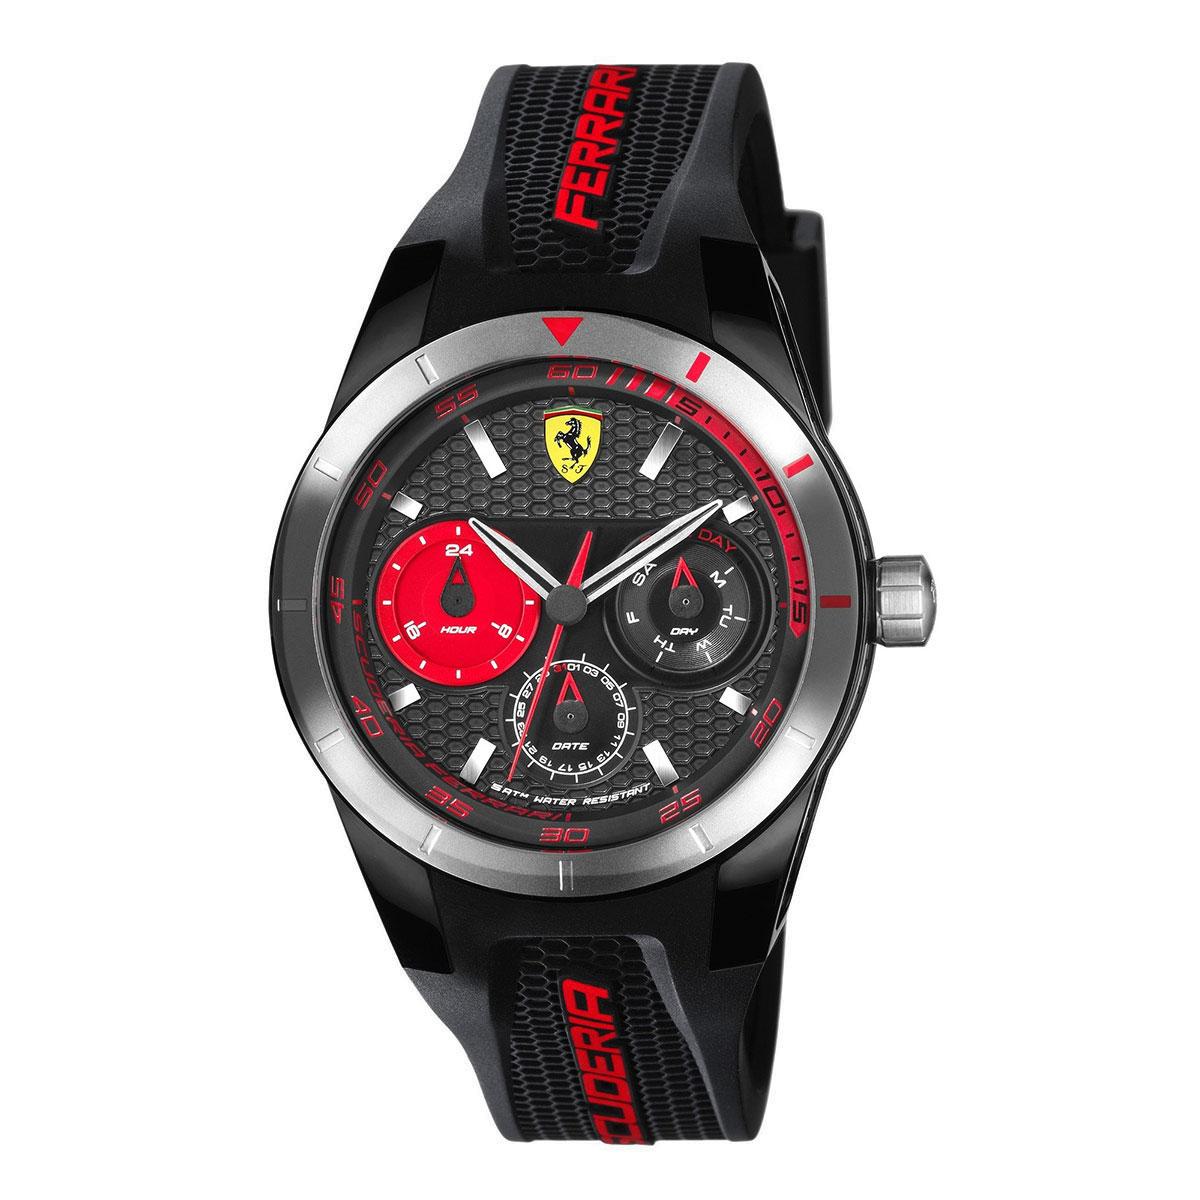 นาฬิกาผู้ชาย Ferrari รุ่น 0830254, RedRev T